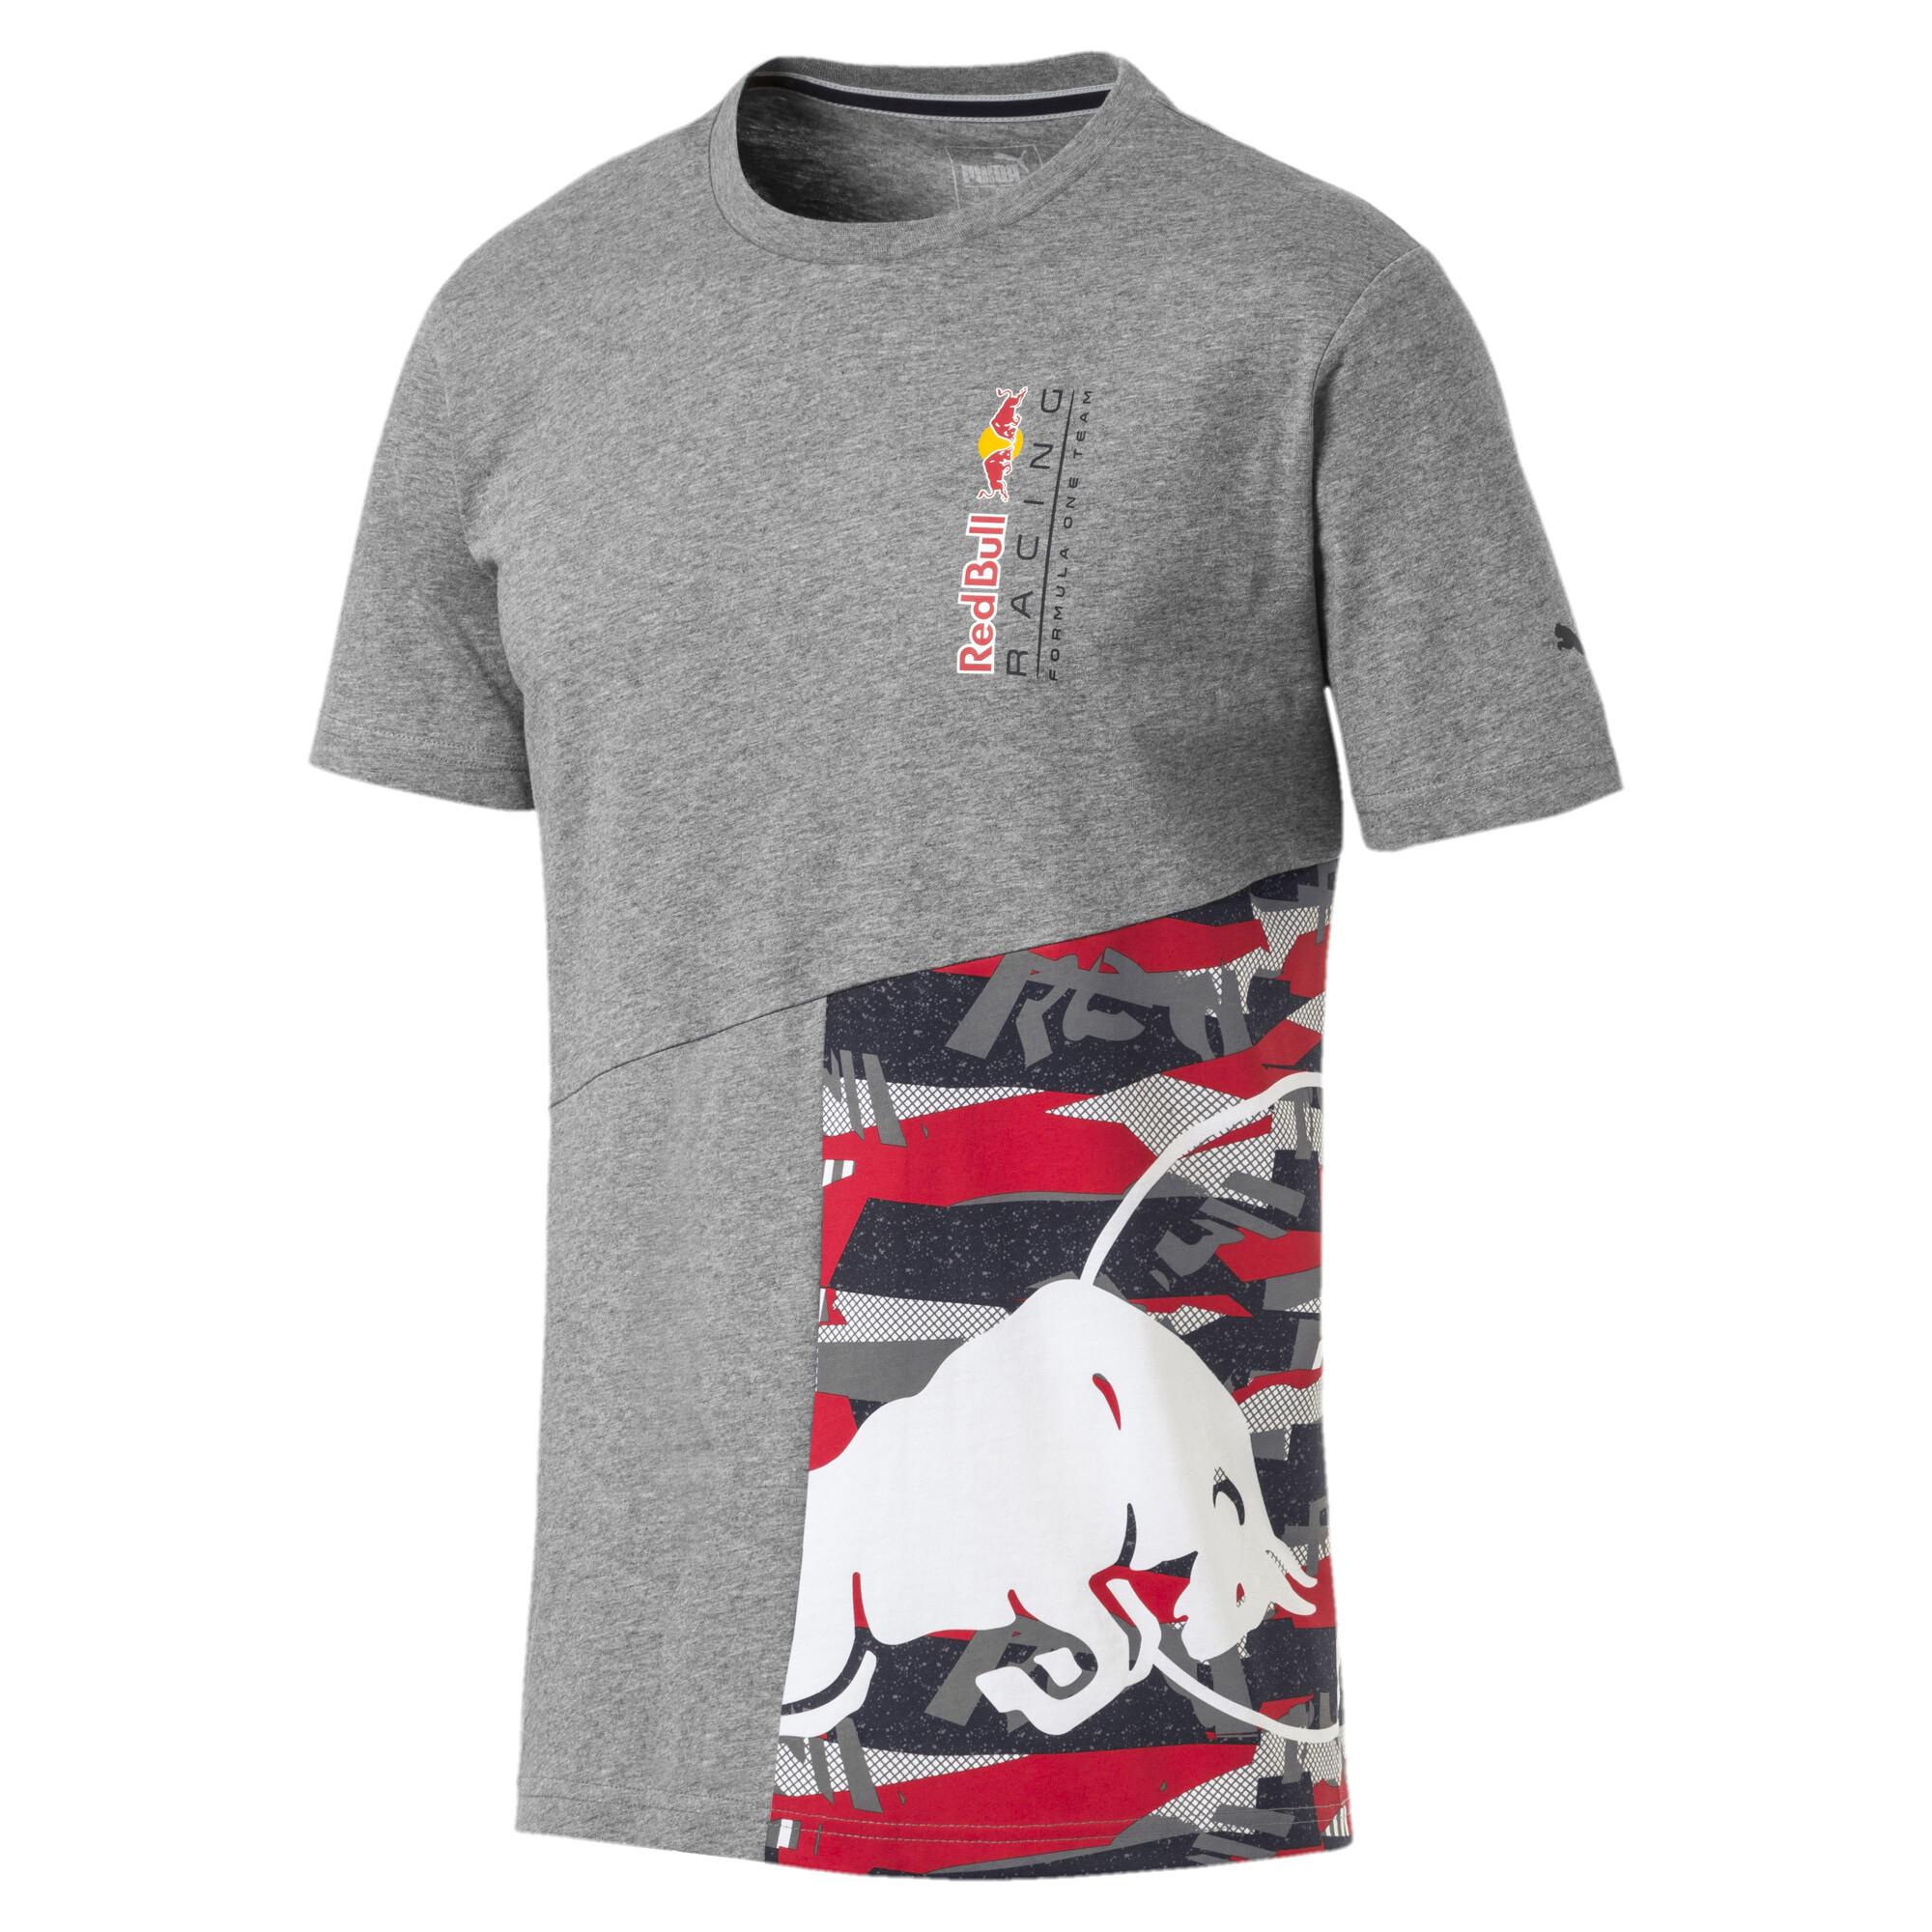 【プーマ公式通販】 プーマ RED BULL RACING ダブルブル Tシャツ メンズ Medium Gray Heather |PUMA.com